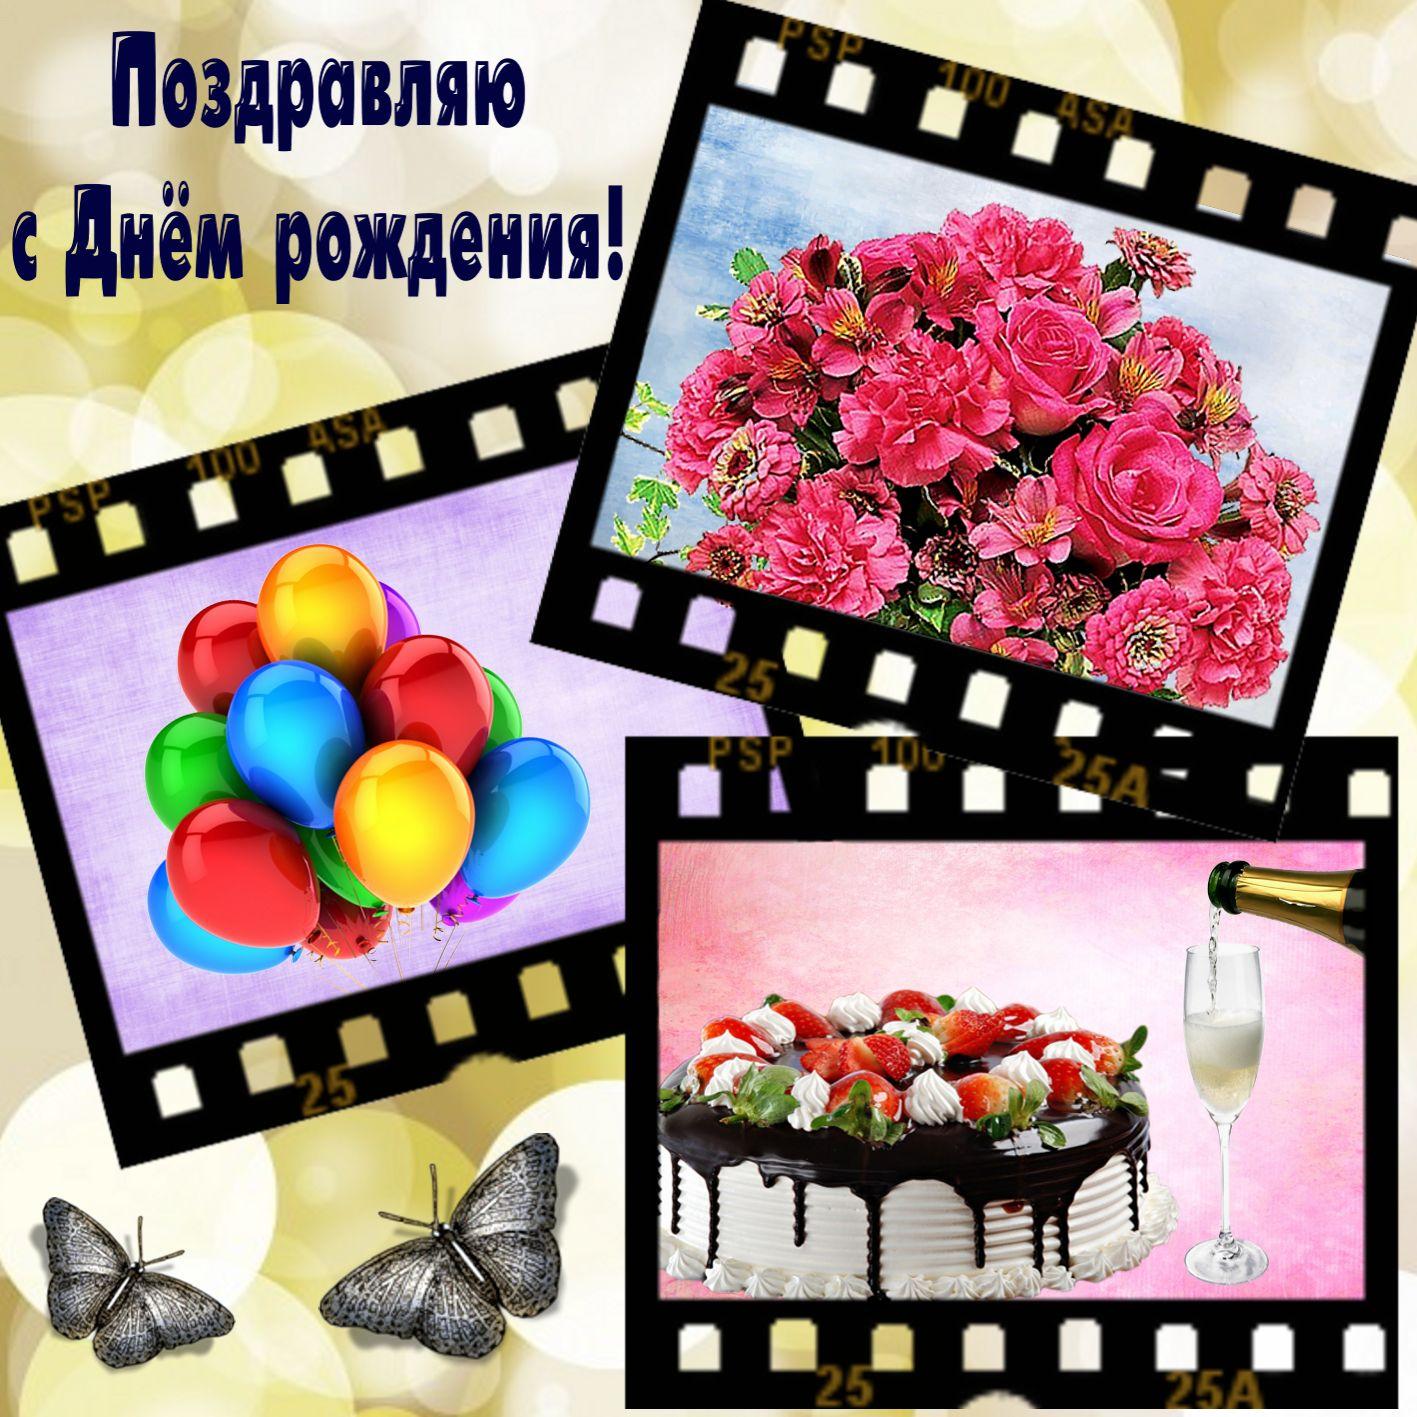 Открытка на День рождения - коллаж из тортика, шариков и цветов